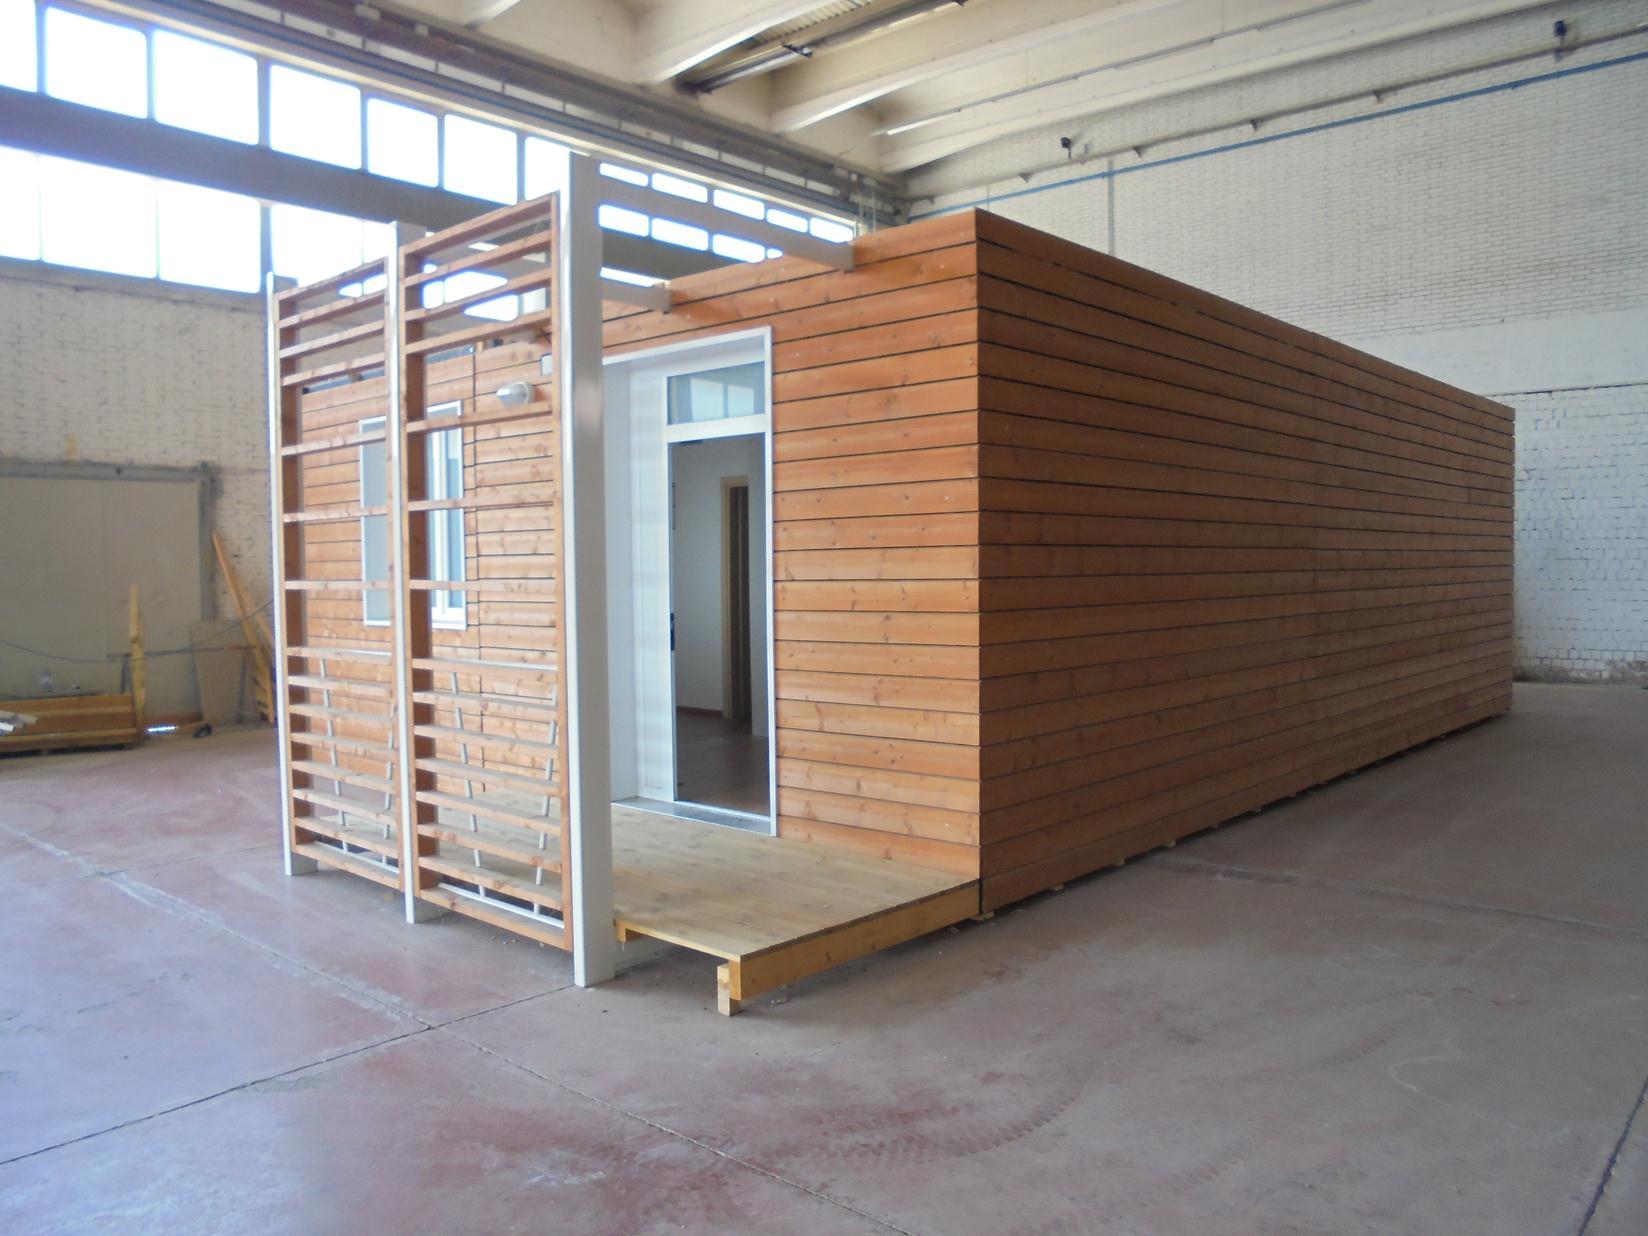 Casa prefabbricata shelbox 9 80x6 70 4springs case mobili - Case mobili legno prezzi ...